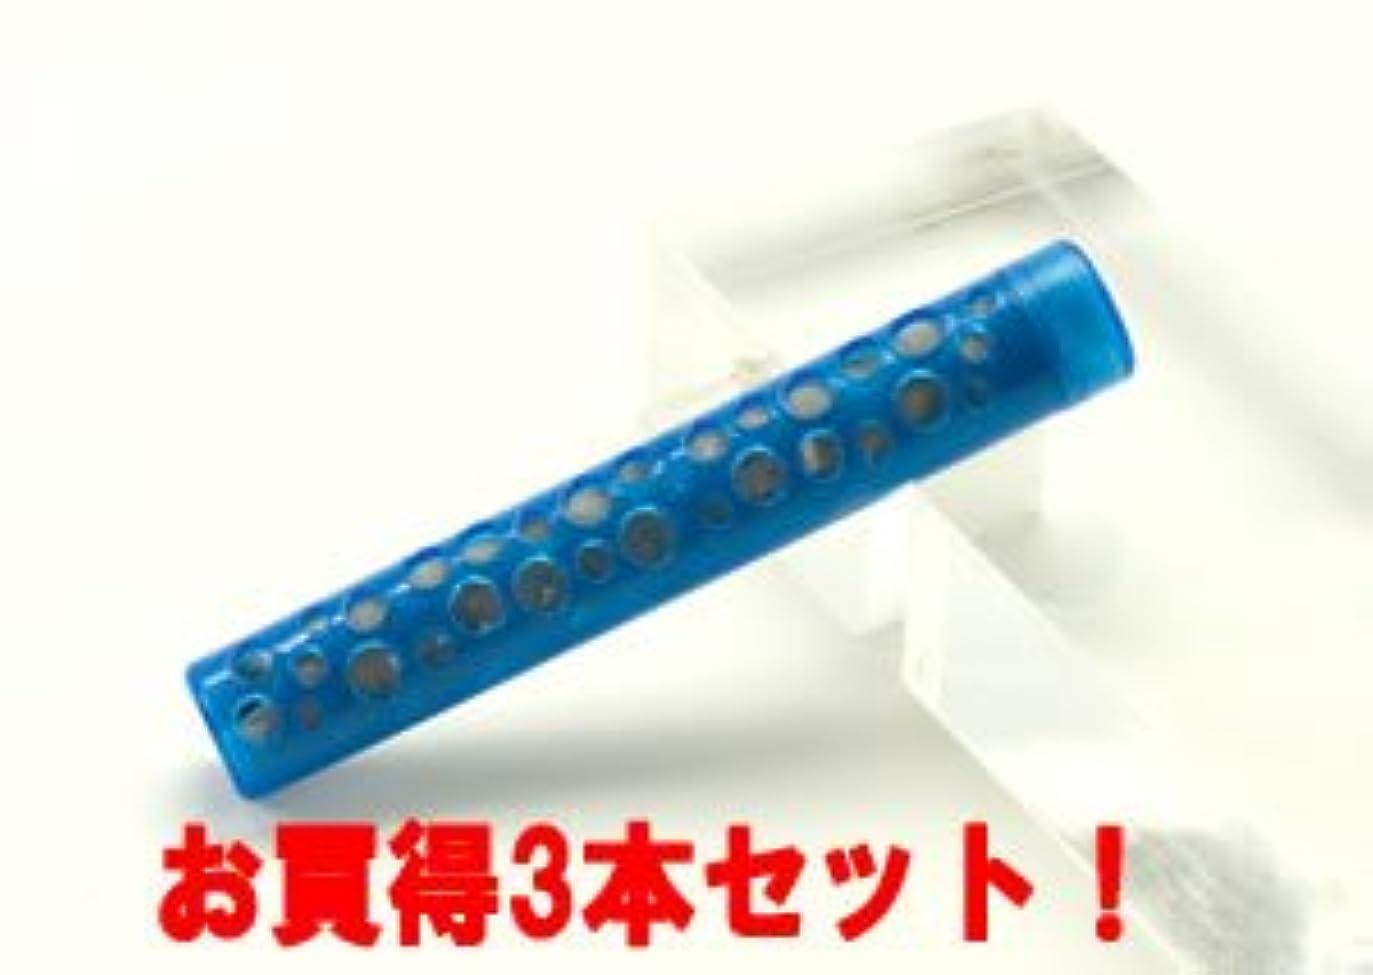 変える伝導率コカインプラズマプラクシス(ブルー)(お買得3本セット)